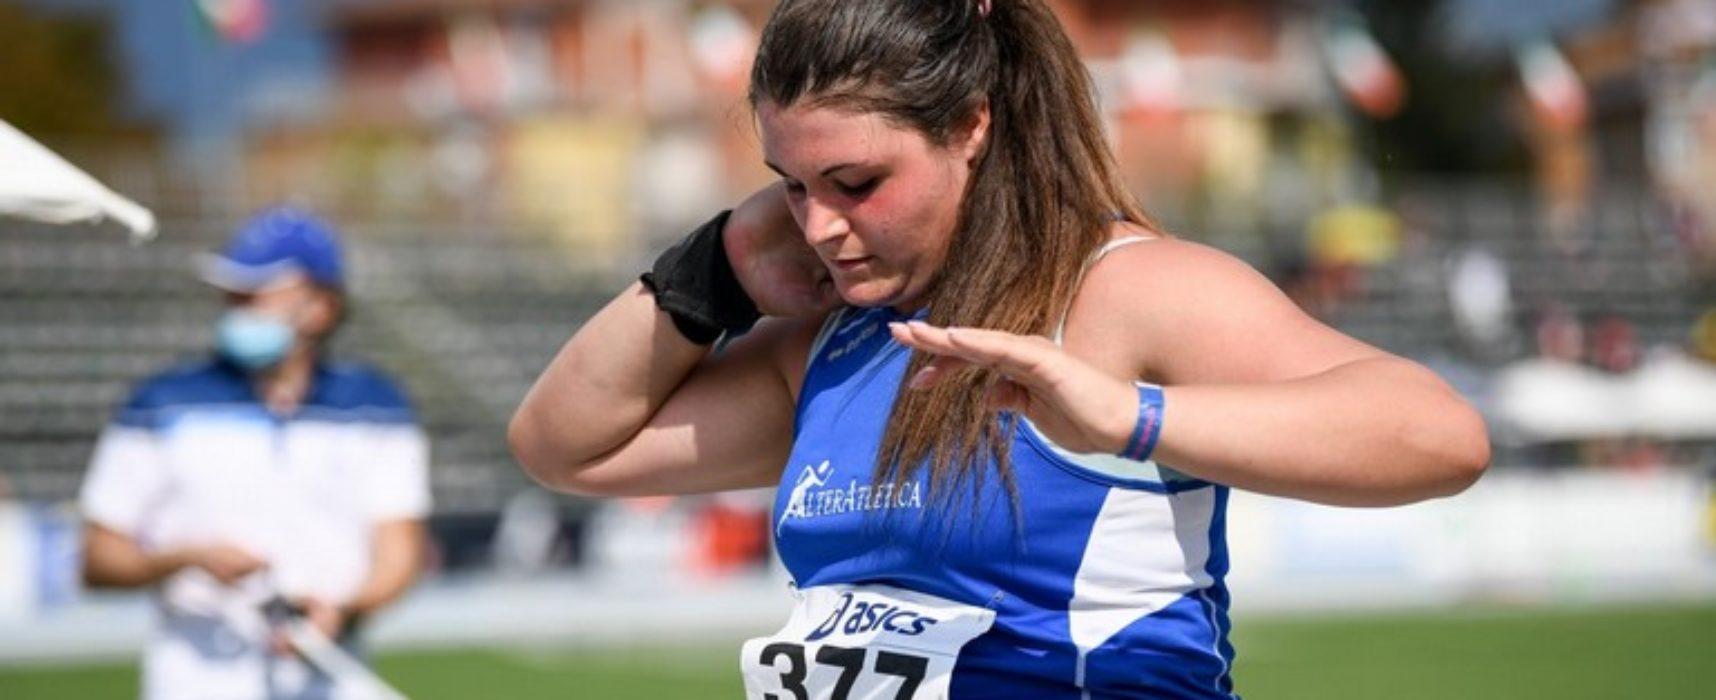 Atletica leggera, record regionale per Anna Musci nel getto del peso